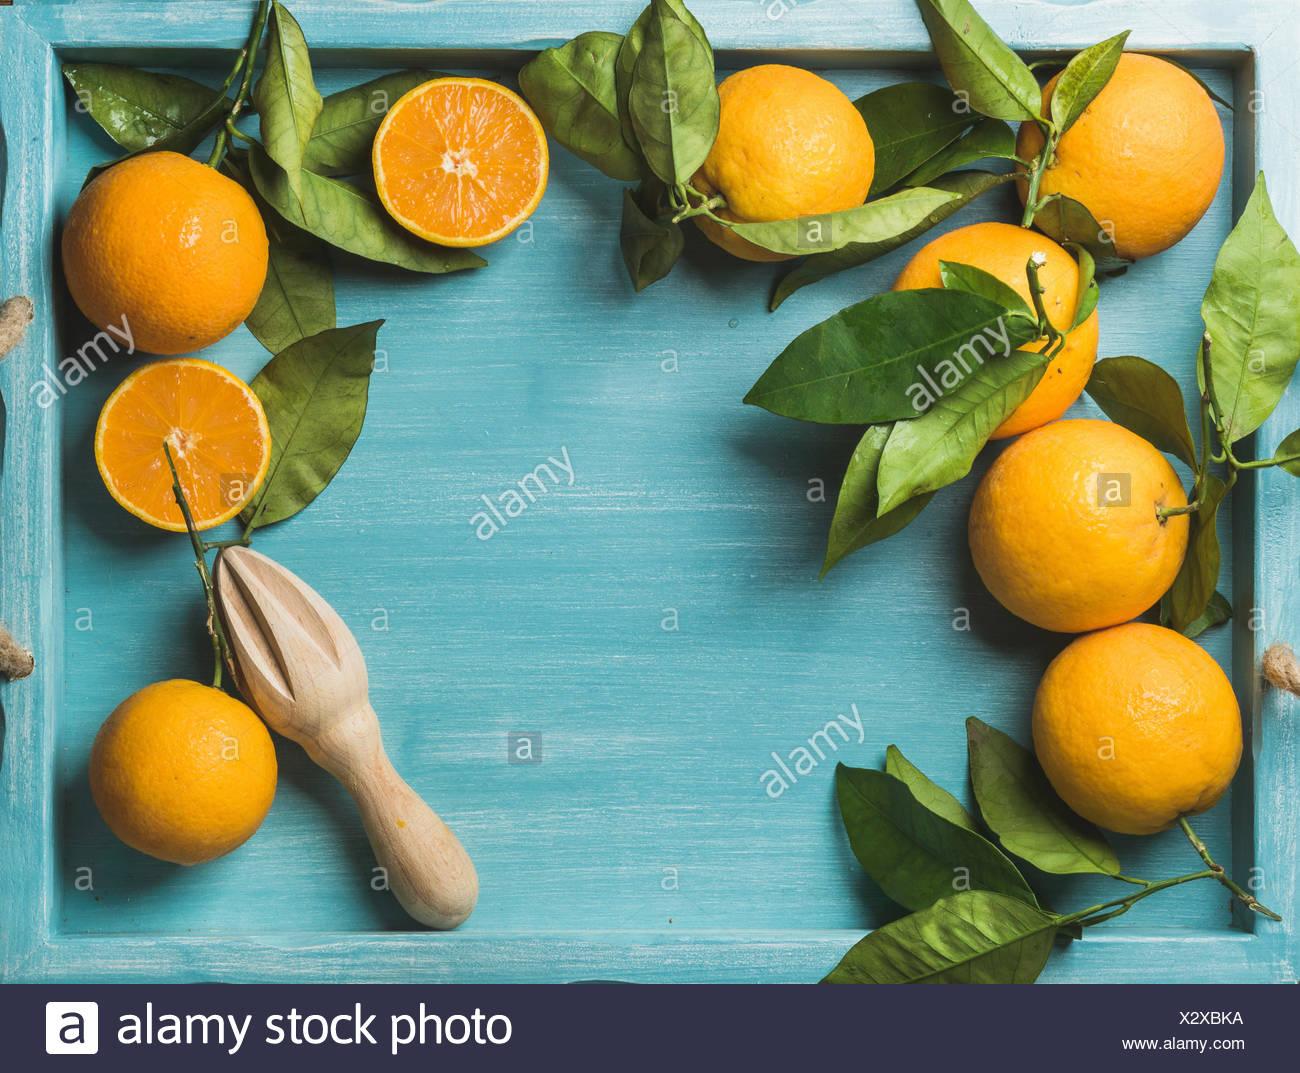 Les oranges fraîches avec des feuilles sur fond de bois peint en bleu, vue du dessus, copiez l'espace, composition horizontale Photo Stock